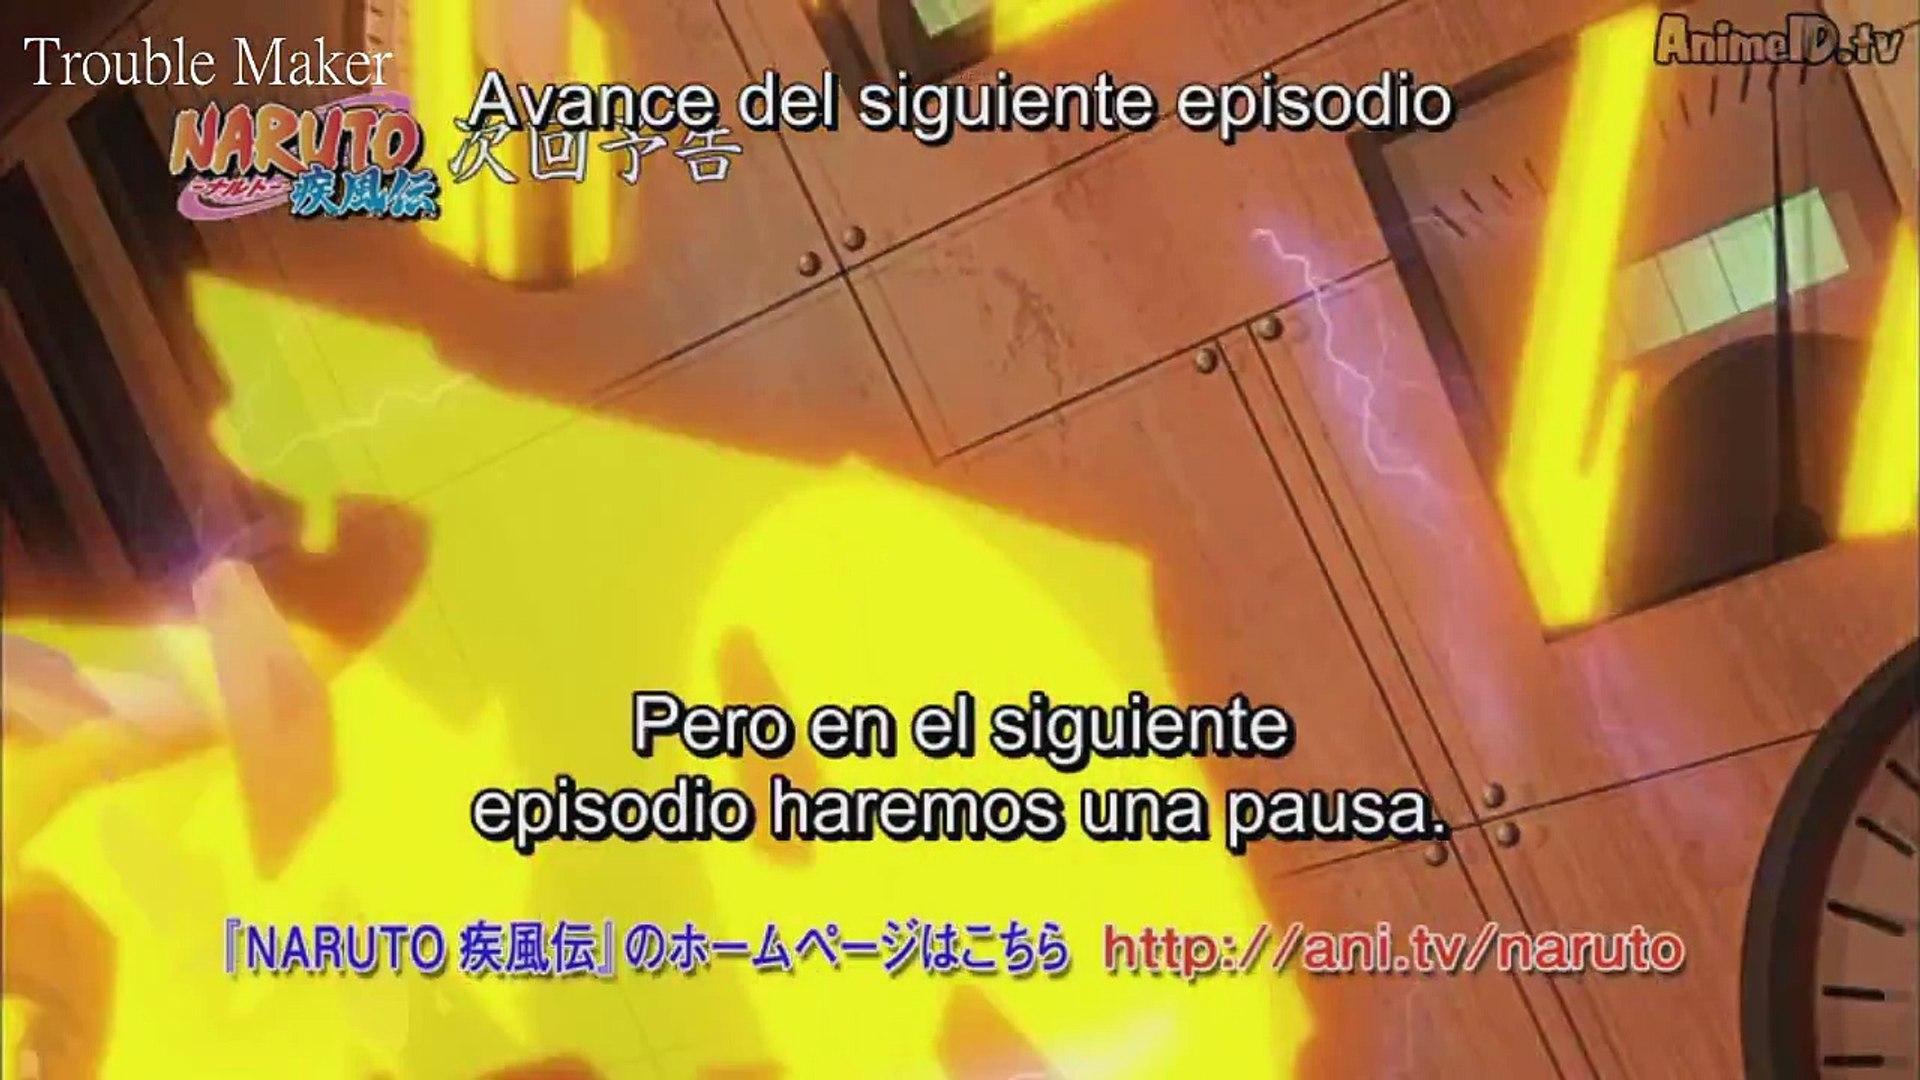 Naruto Shippuden 376 «Especial Mecha Naruto» Capitulo Doble - Avance HD